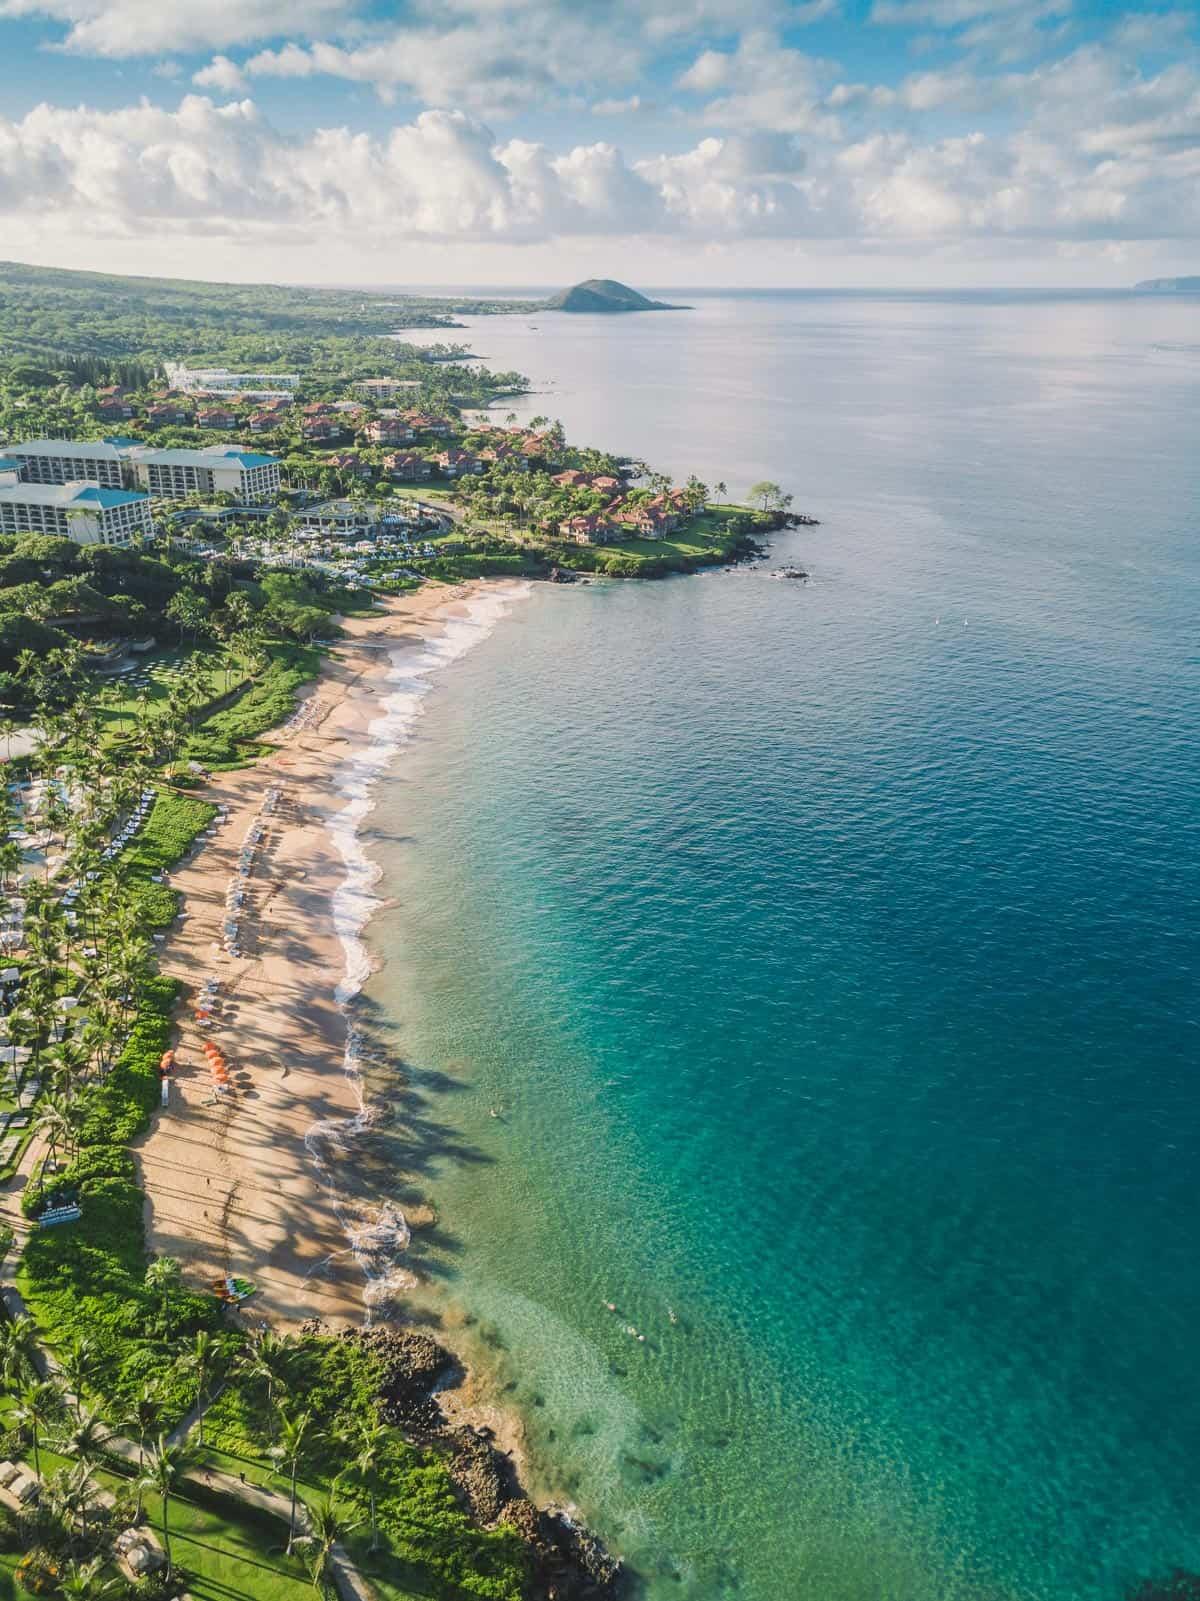 Maui Family Vacation 2017 + Travel Tips - NatashasKitchen.com